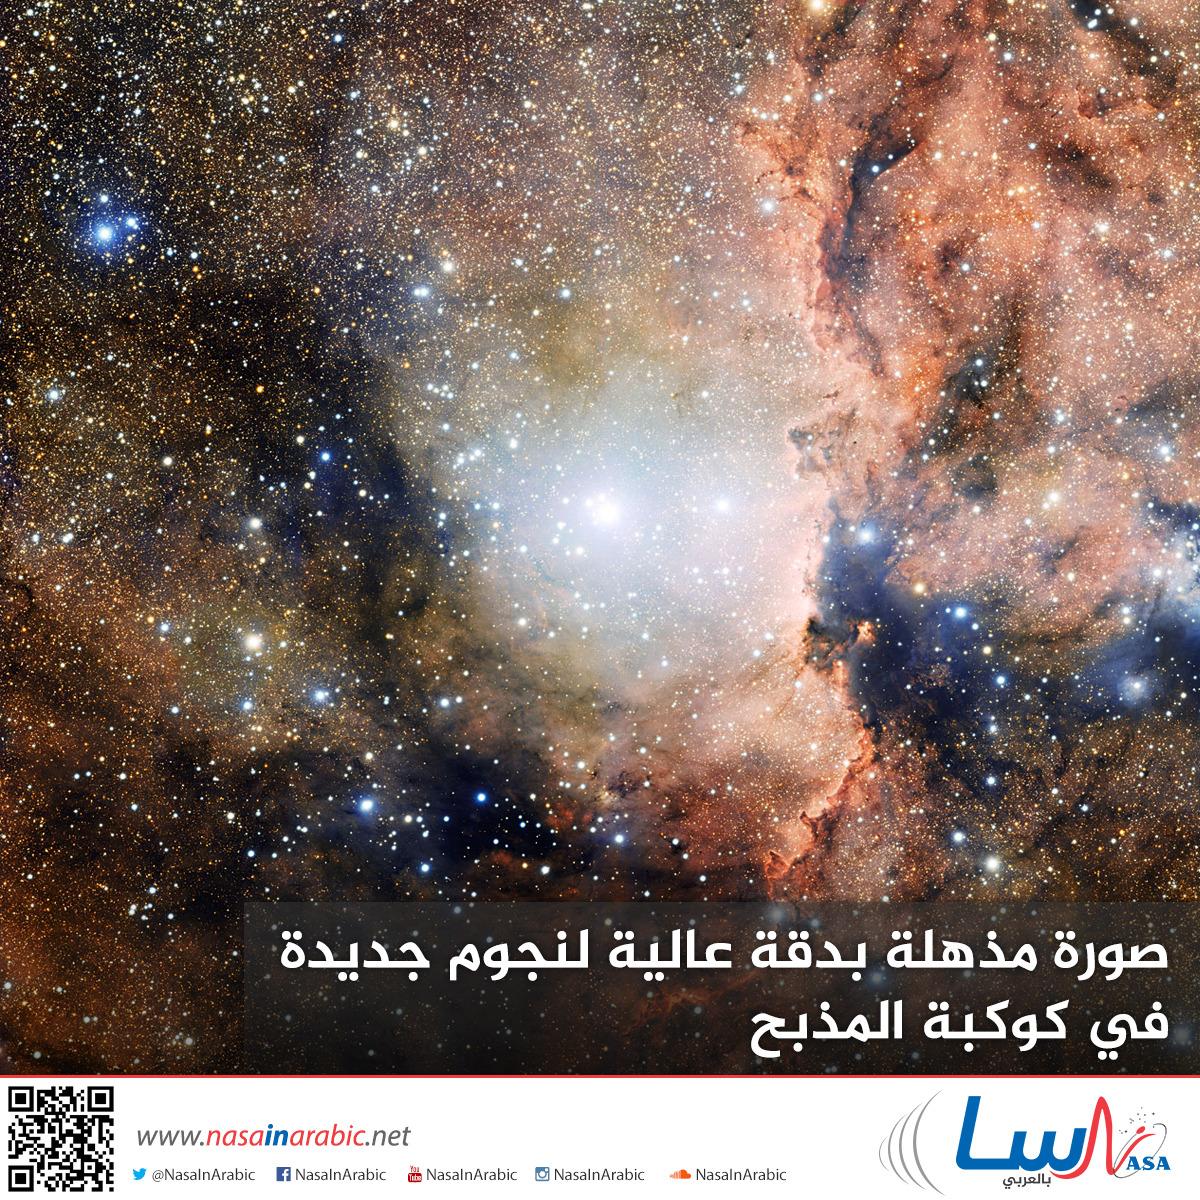 صورة مذهلة بدقة عالية لنجوم جديدة في كوكبة المذبح